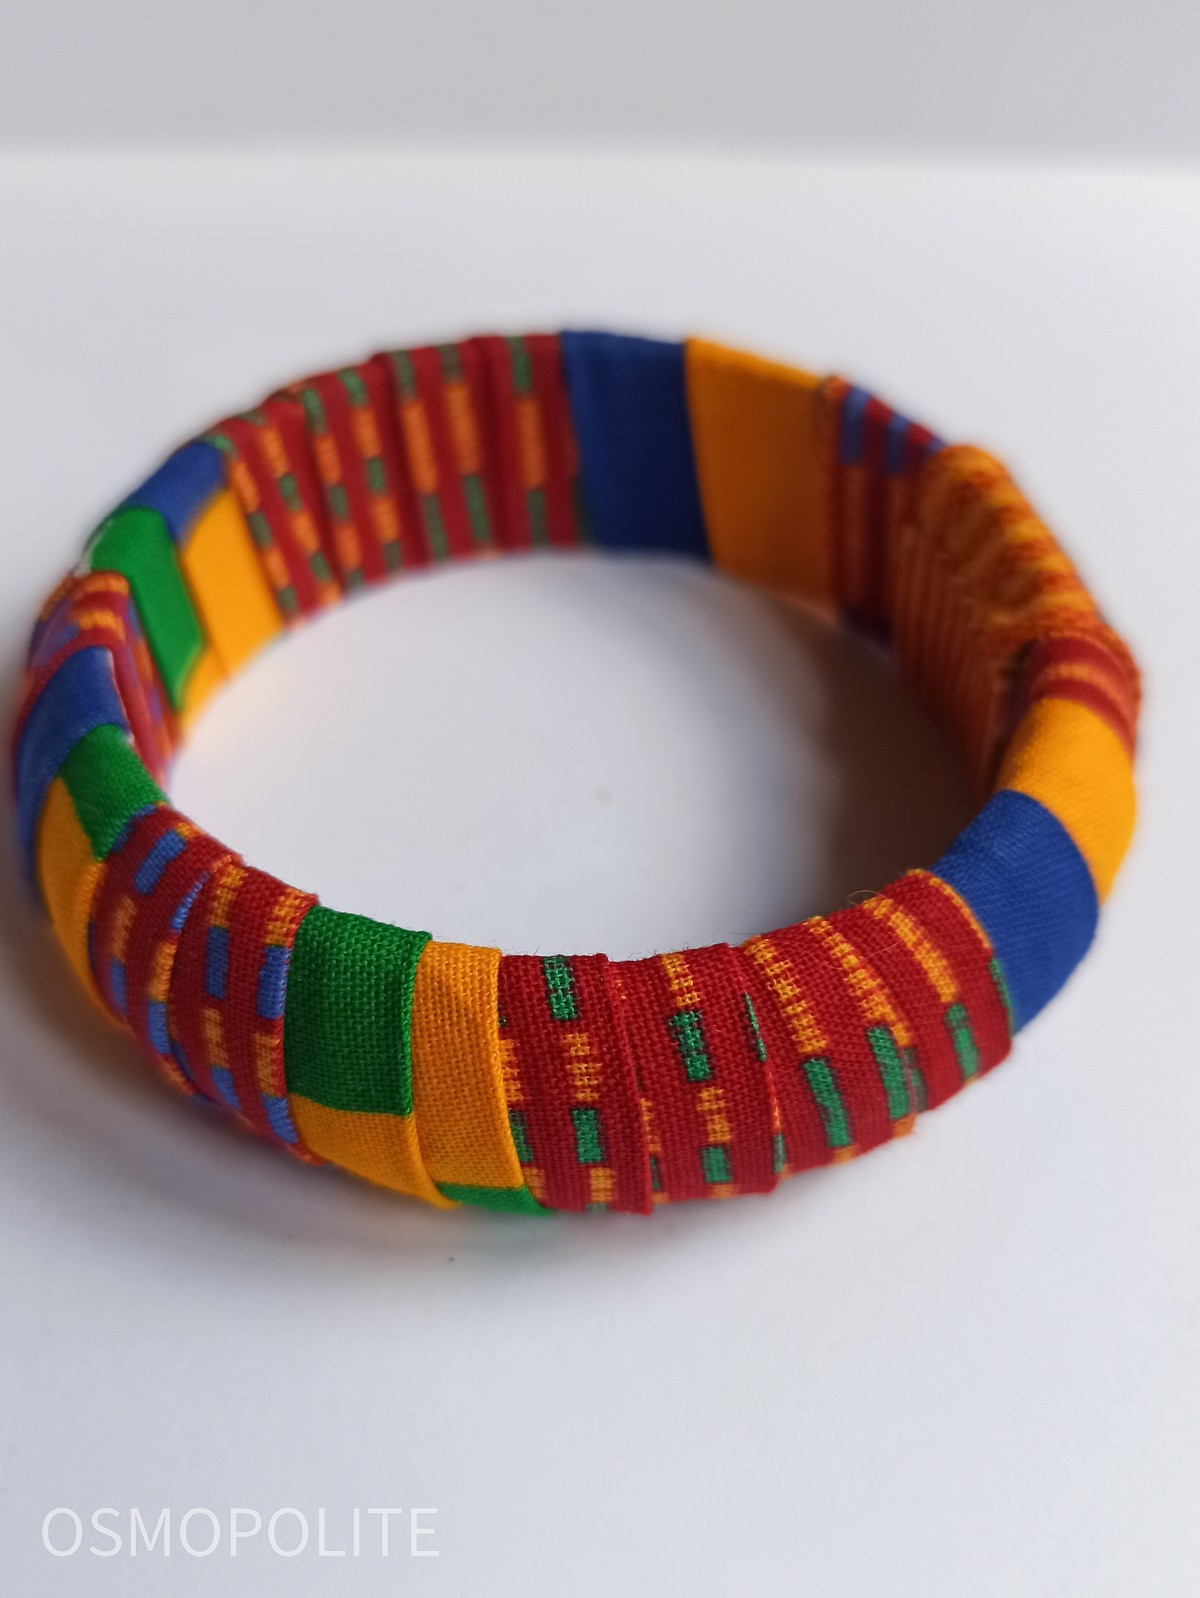 Wide Kente Fabric Bracelet By Osmopolite Cuff Bracelets Afrikrea